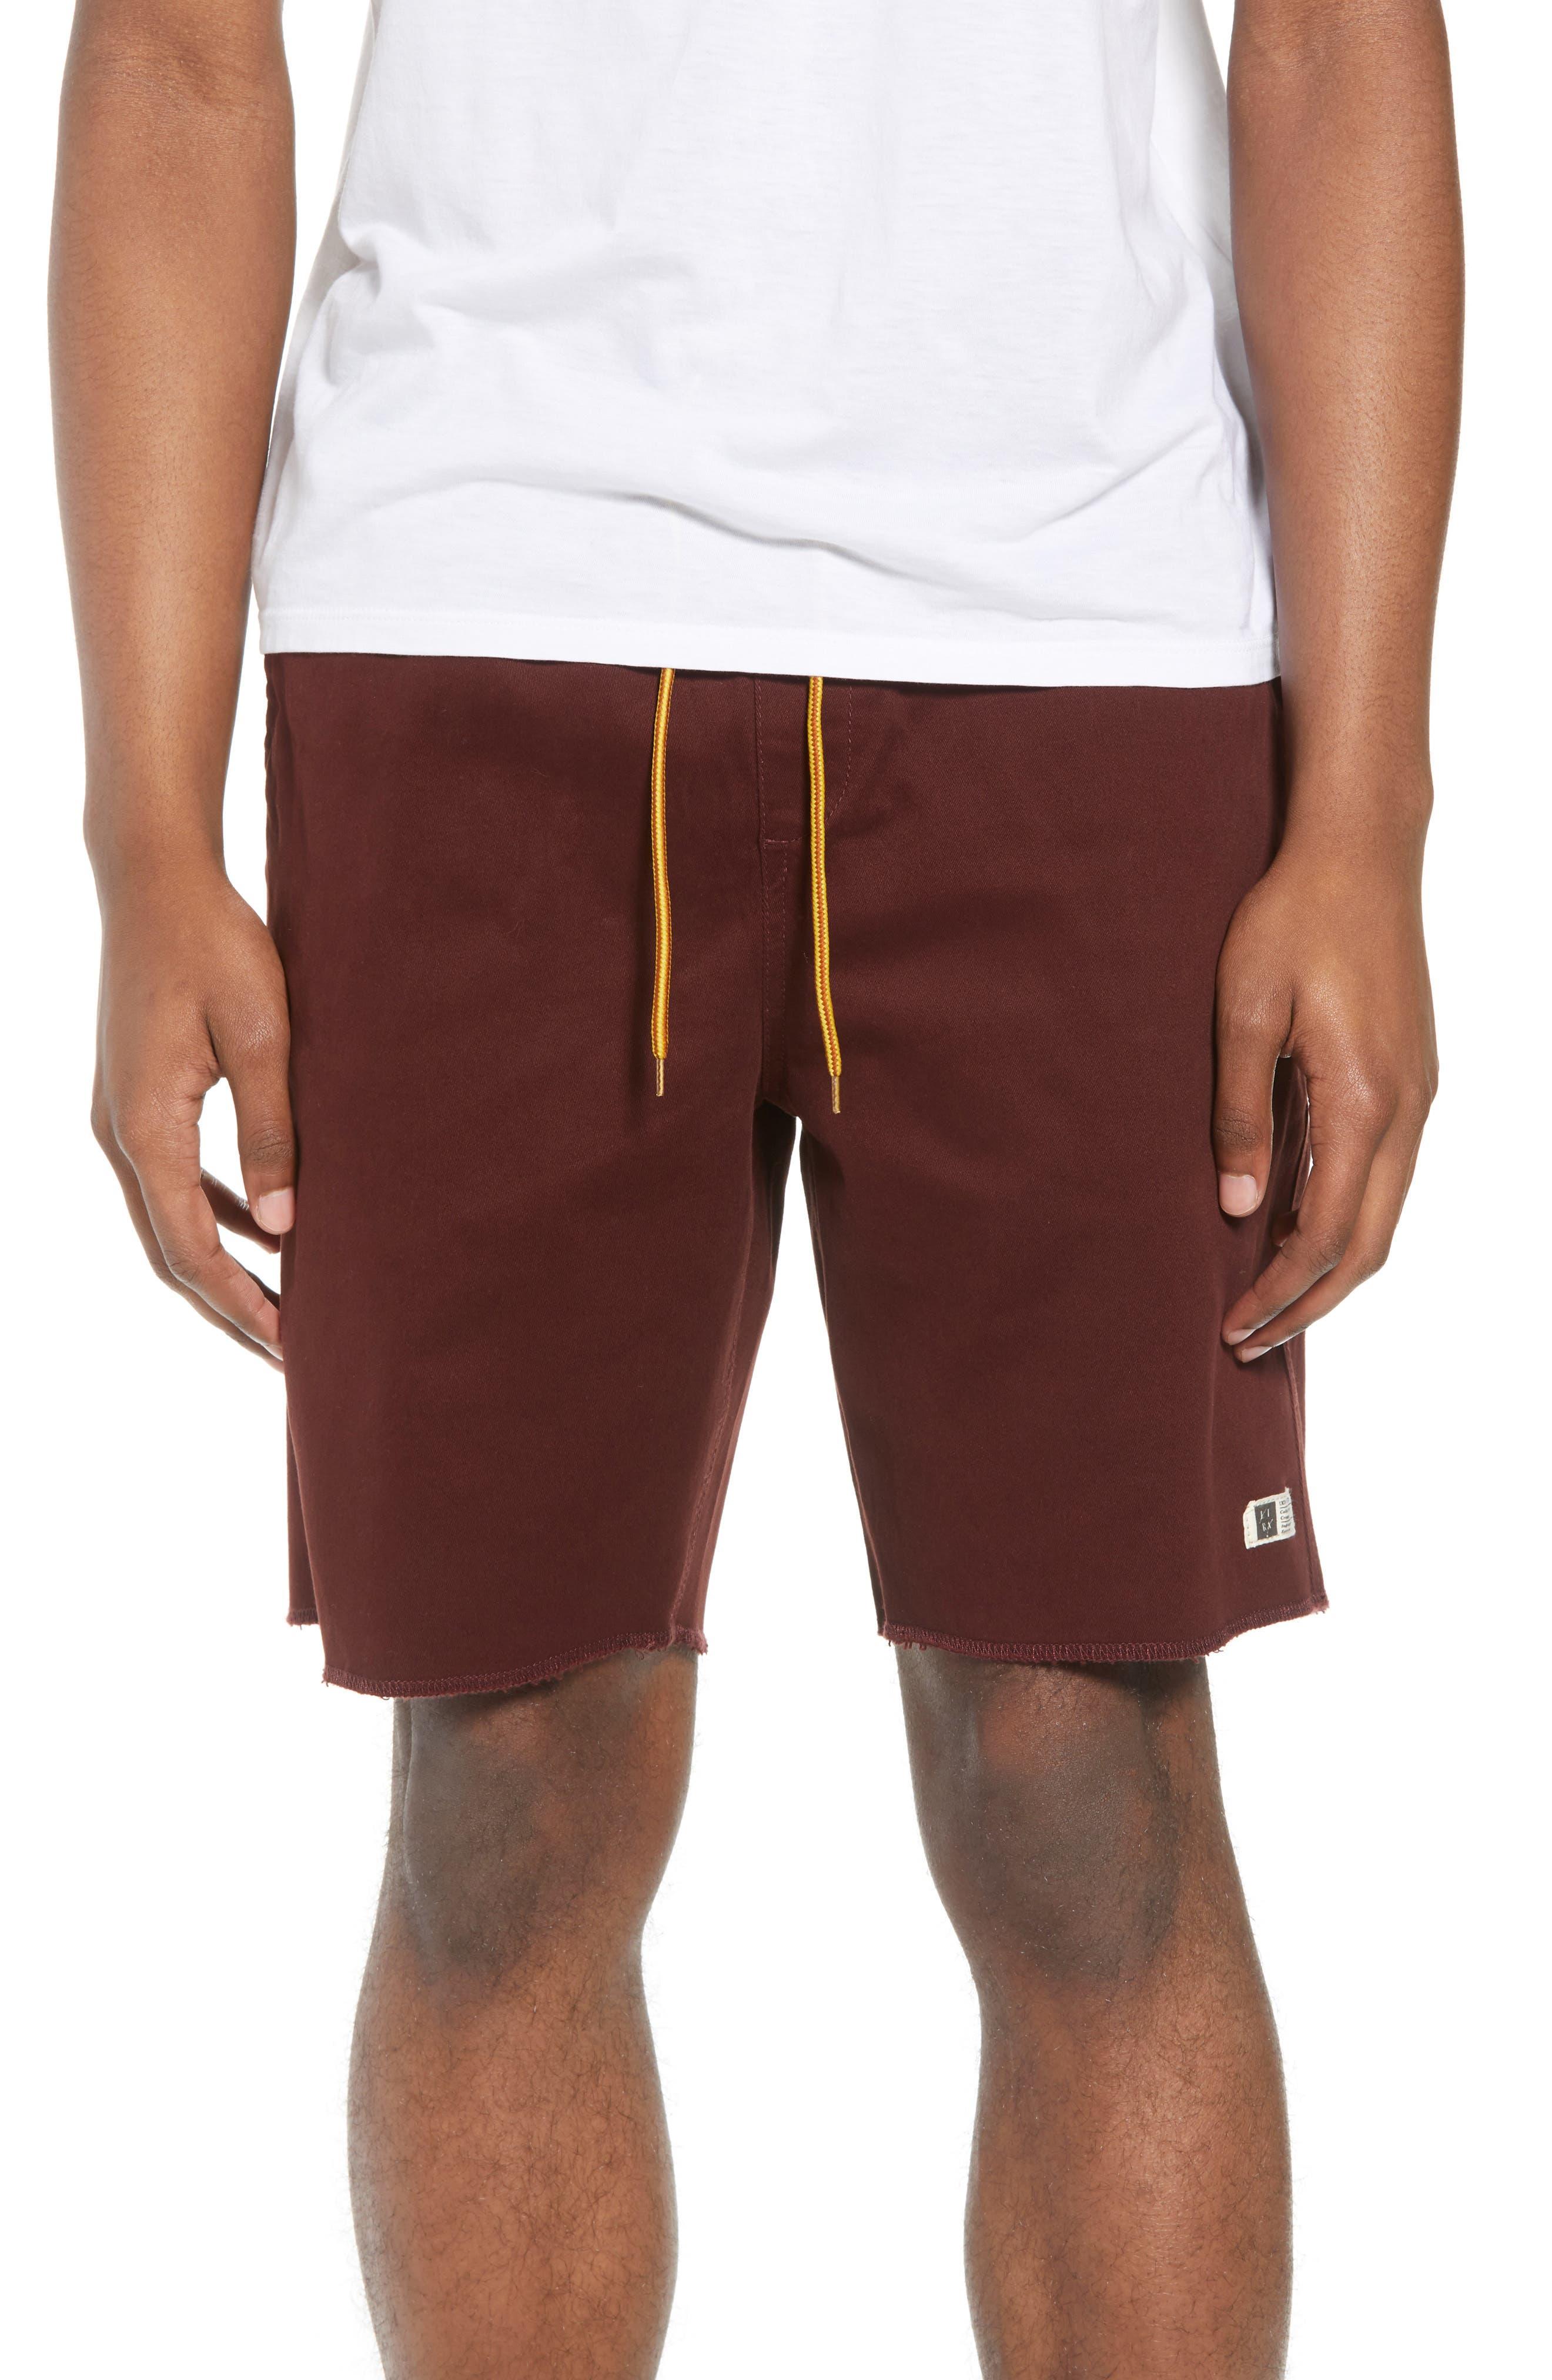 Weekday Shorts,                             Main thumbnail 1, color,                             BURGUNDY